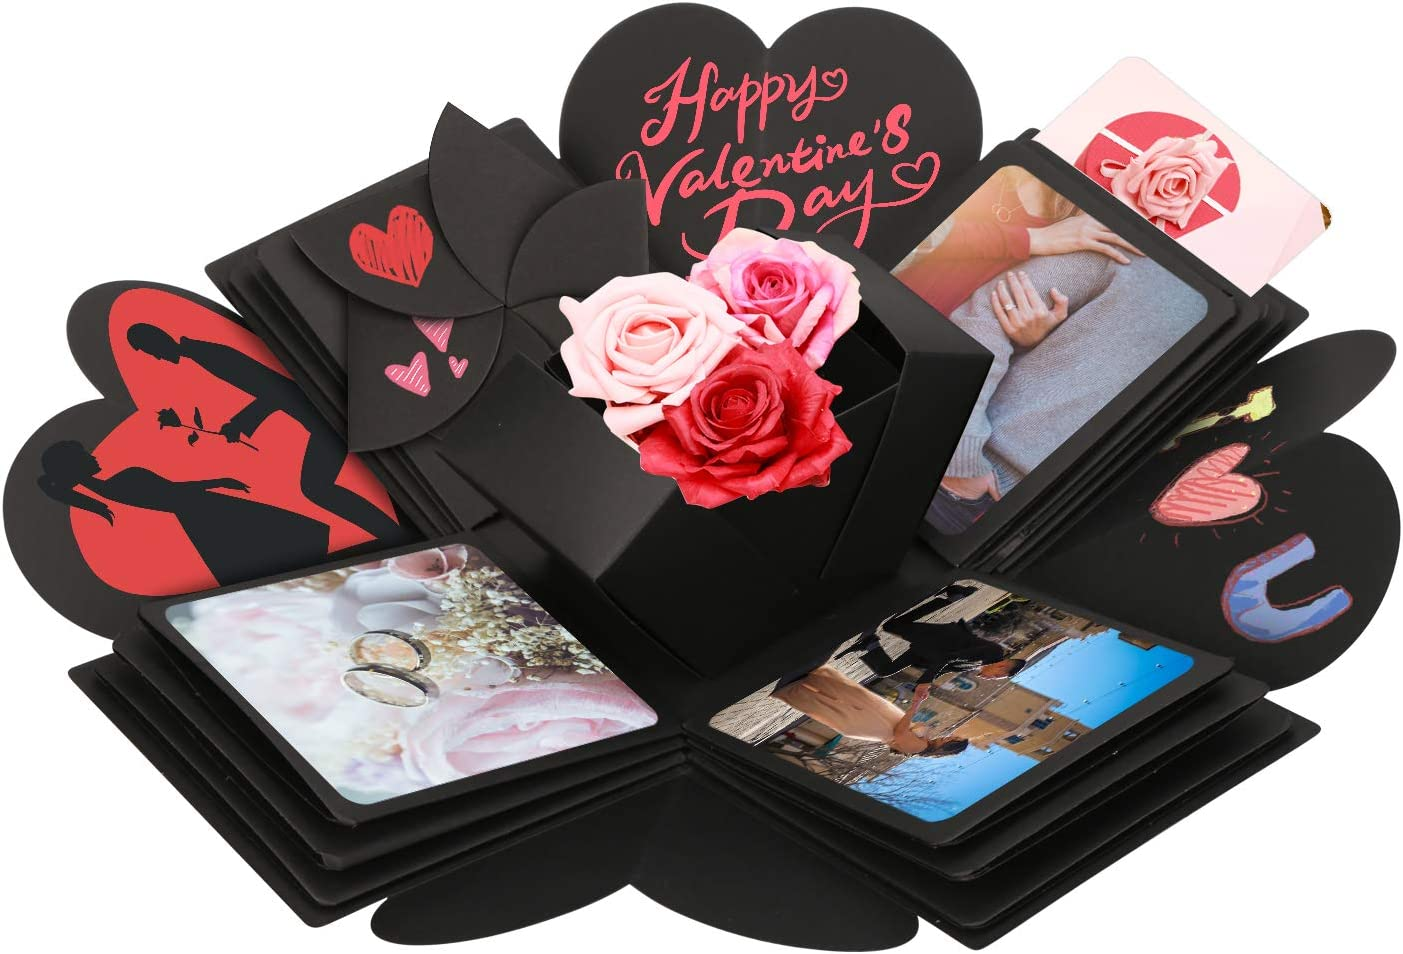 Mitening /Überraschung Box Kreative Explosionsbox Geschenkbox /Überraschungsbox Fotobox DIY Geschenk Scrapbook Faltendes Foto-Album f/ür Valentine Jahrestag Geburtstag Hochzeit Muttertag Weihnachten